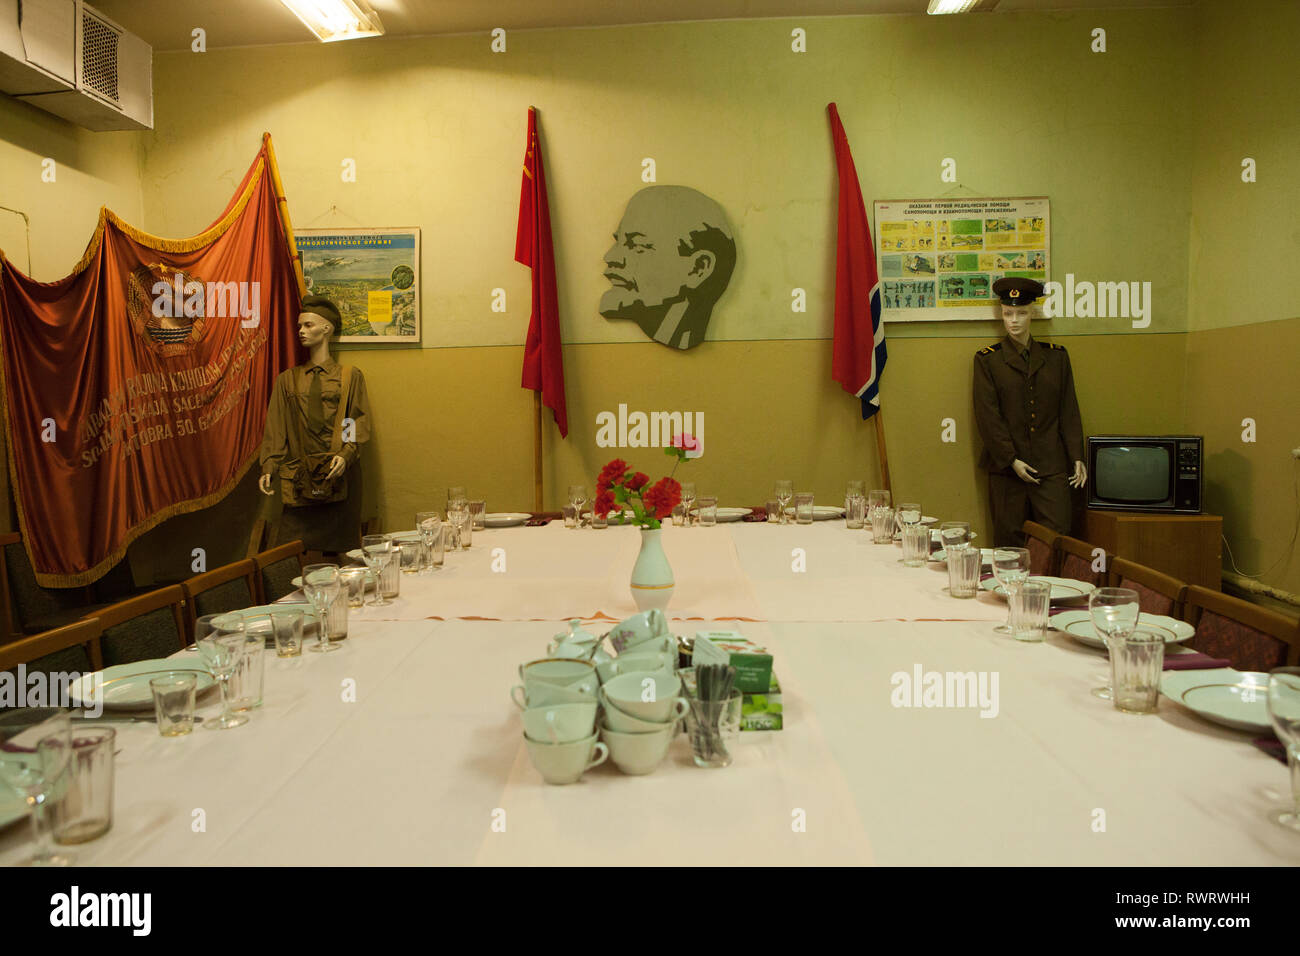 Maniquíes uniformados militares y banderas de unión soviética en la guerra fría, el búnker Ligatne, Letonia Imagen De Stock